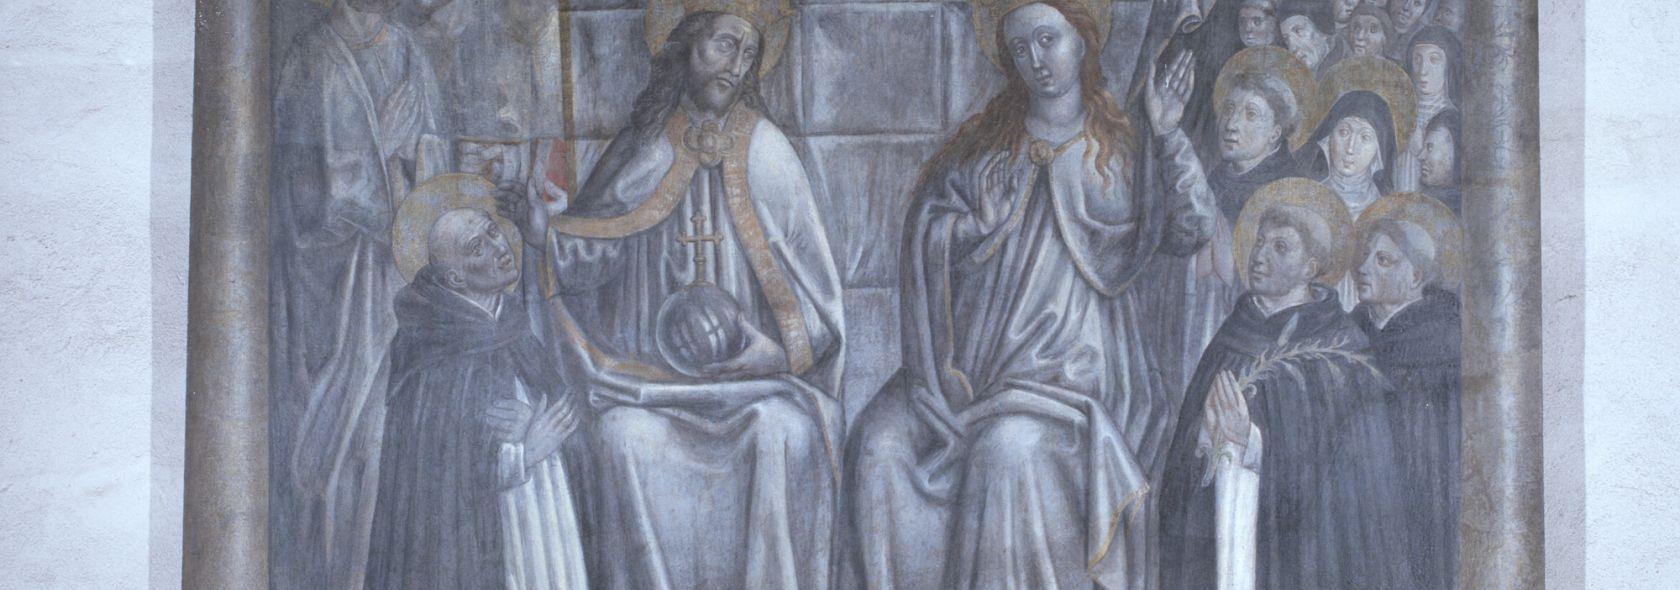 Visione di San Domenico - XV secolo - ©Dario Grimoldi